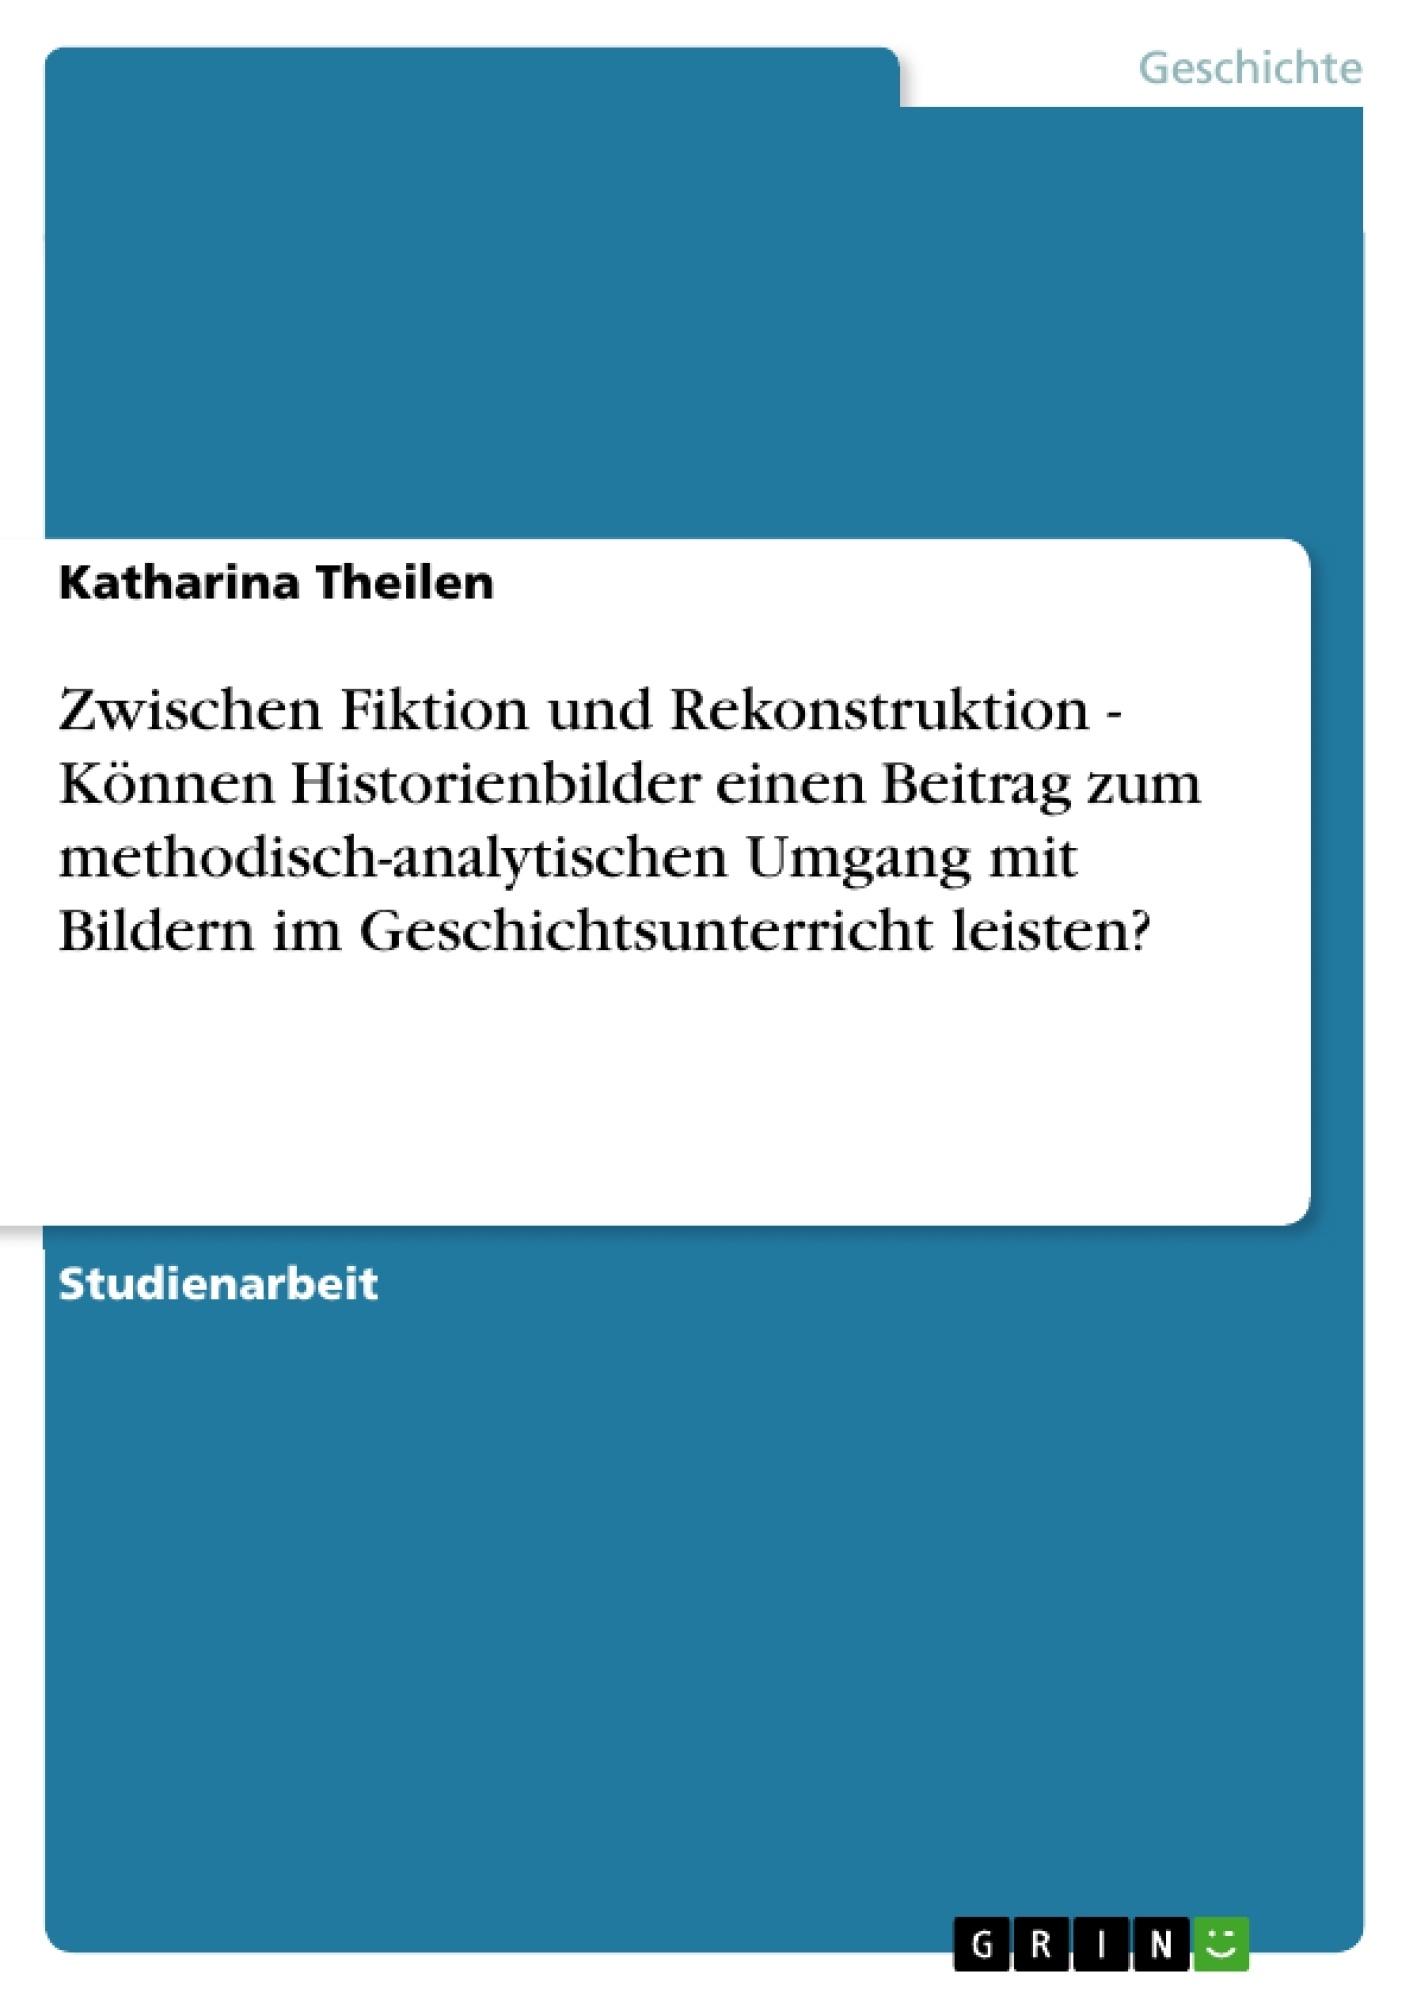 Titel: Zwischen Fiktion und Rekonstruktion - Können Historienbilder einen Beitrag zum methodisch-analytischen Umgang mit Bildern im Geschichtsunterricht leisten?